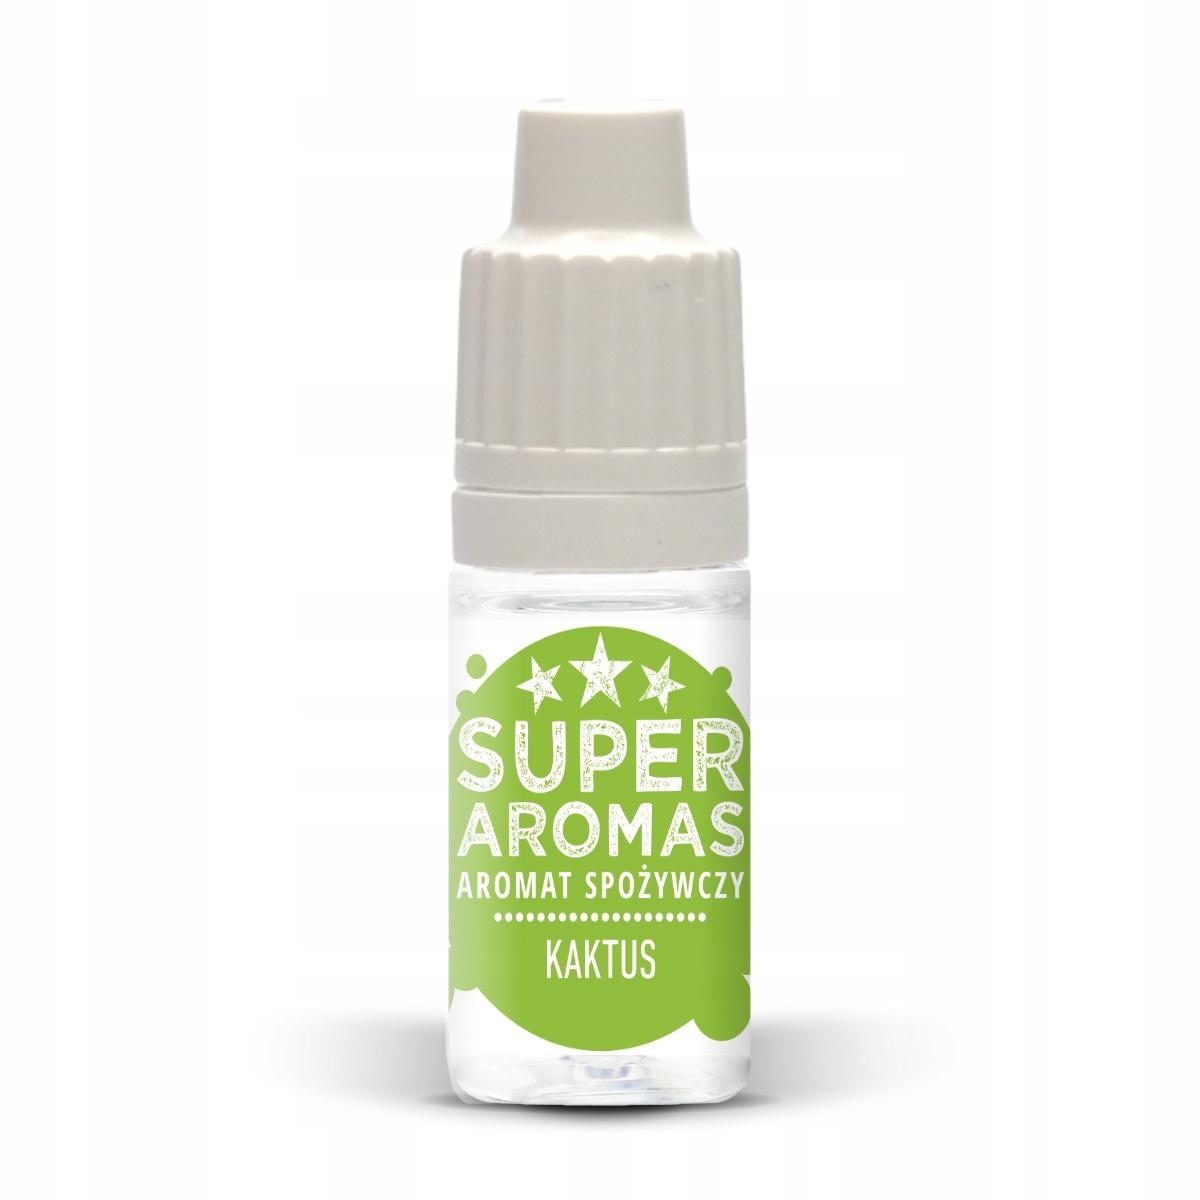 SUPER AROMAS Aromat spożywczy KAKTUS 10 ml